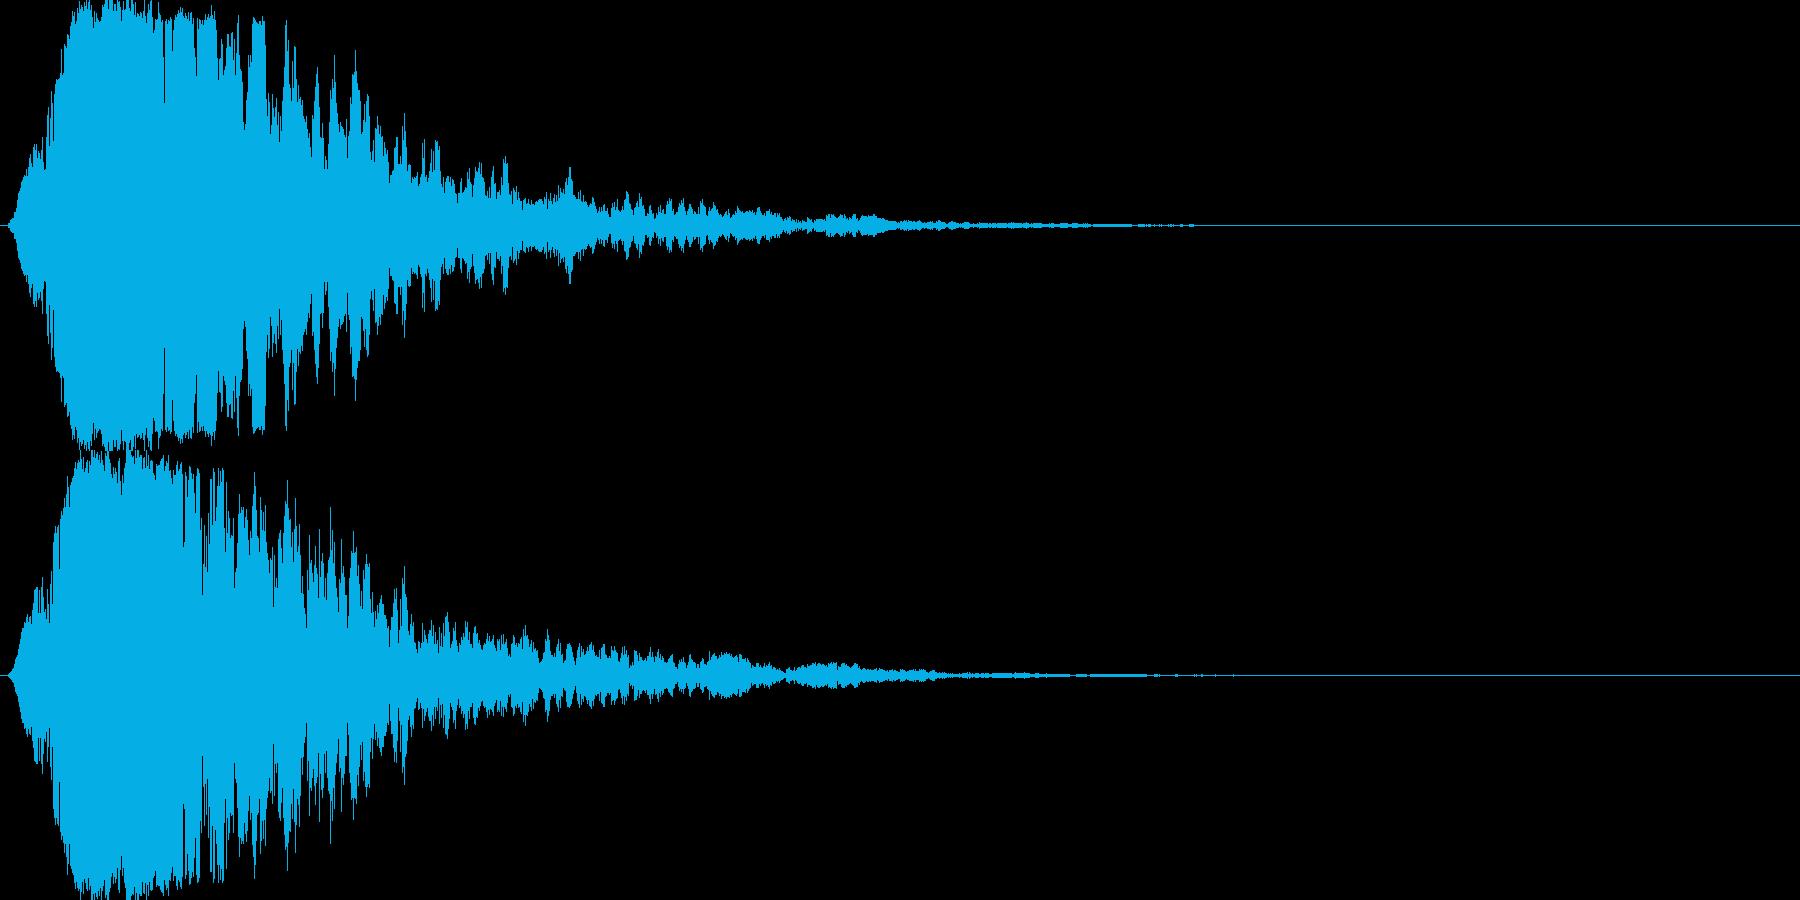 シャキーン キラーン☆目映い輝きに!04の再生済みの波形